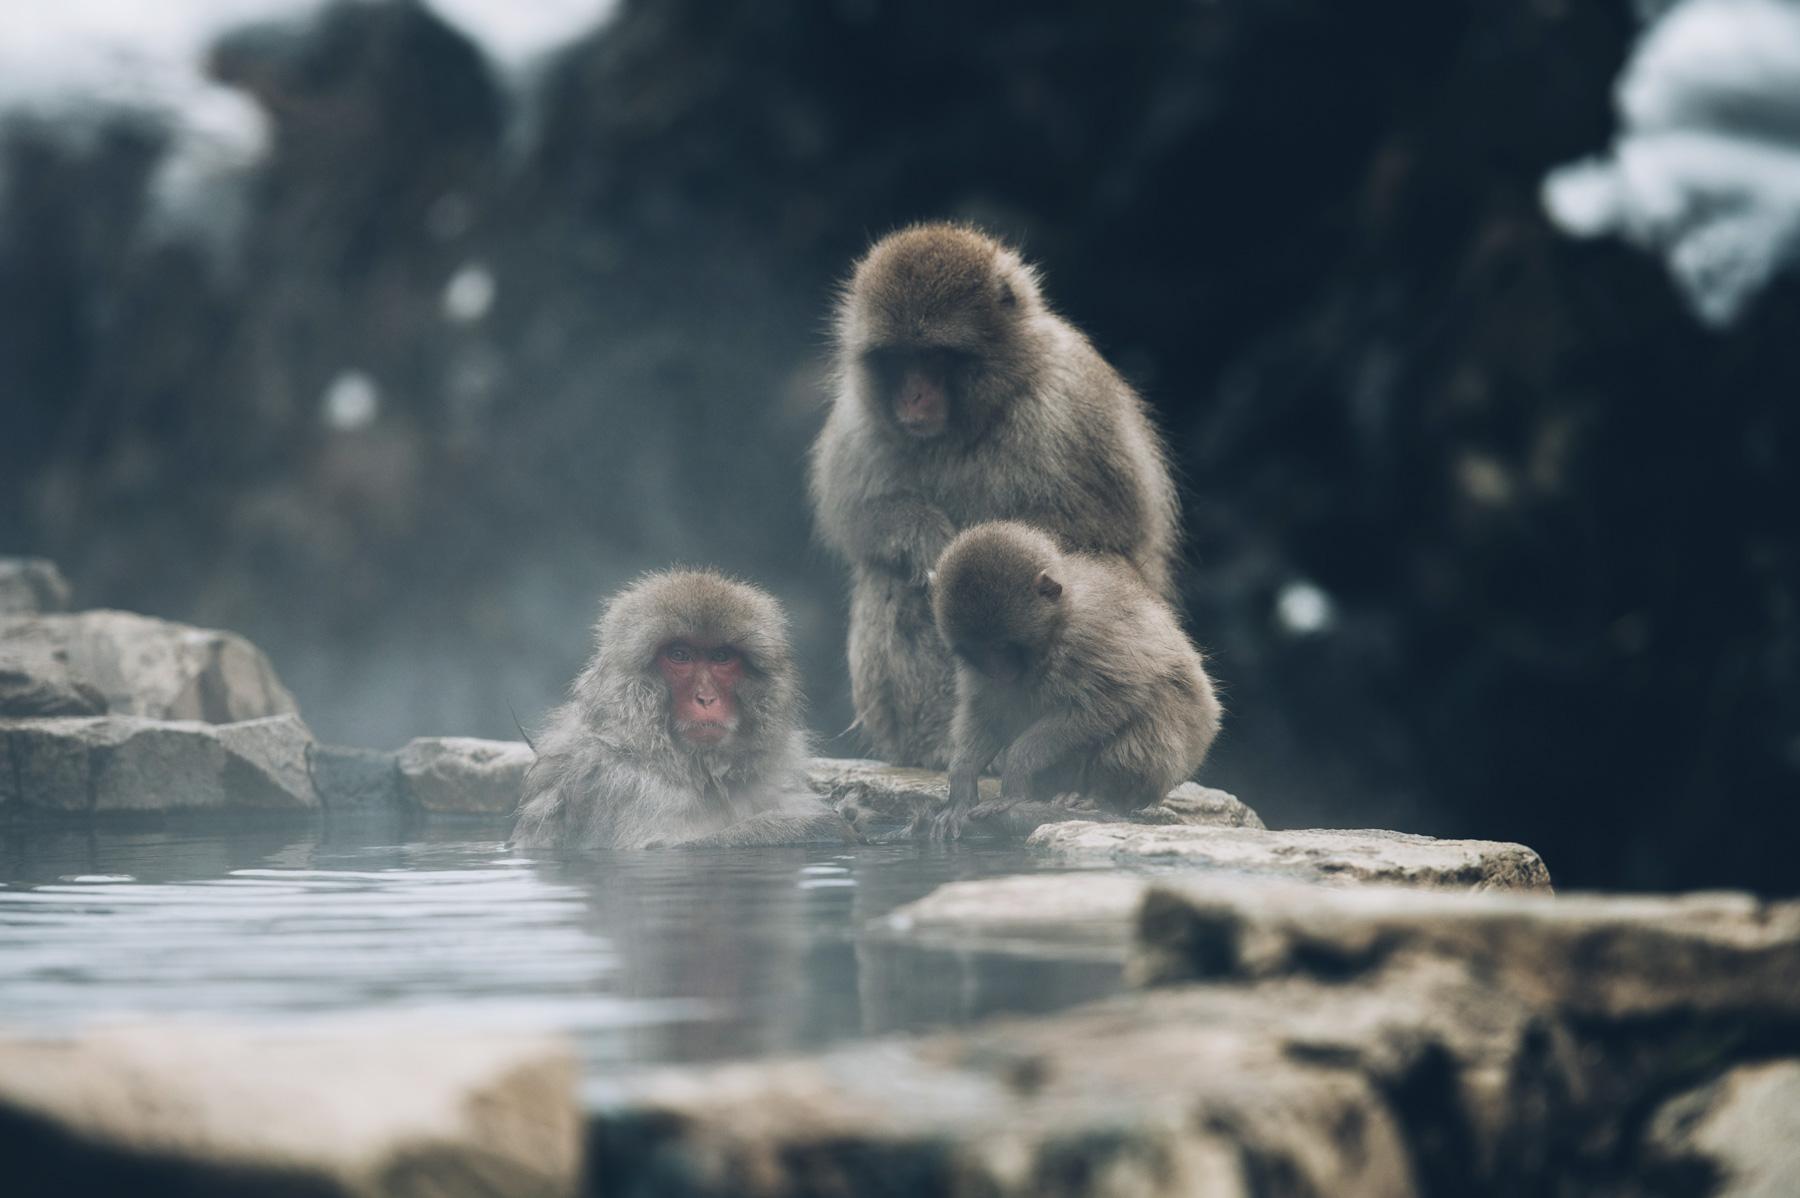 Les Singes dans les sources chaudes au Japon